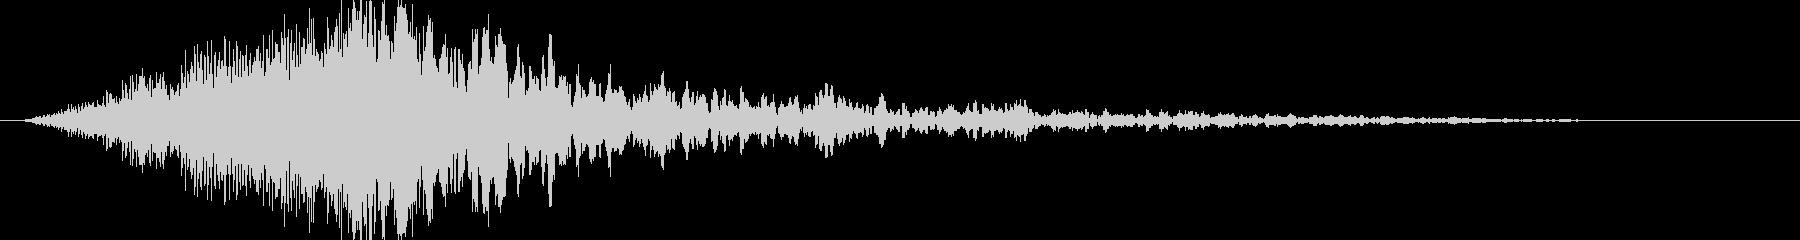 シューバン:ハイブリット音:オープニングの未再生の波形